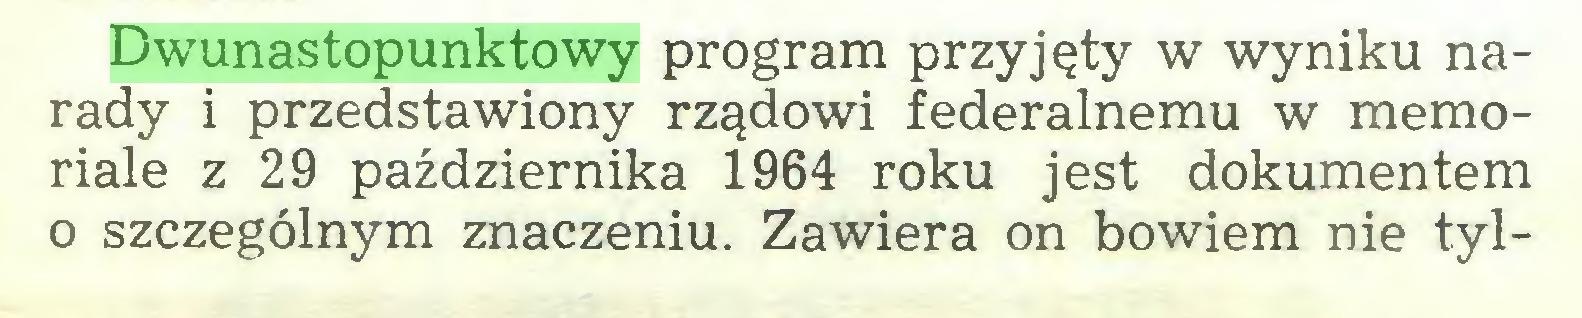 (...) Dwunastopunktowy program przyjęty w wyniku narady i przedstawiony rządowi federalnemu w memoriale z 29 października 1964 roku jest dokumentem o szczególnym znaczeniu. Zawiera on bowiem nie tyl...